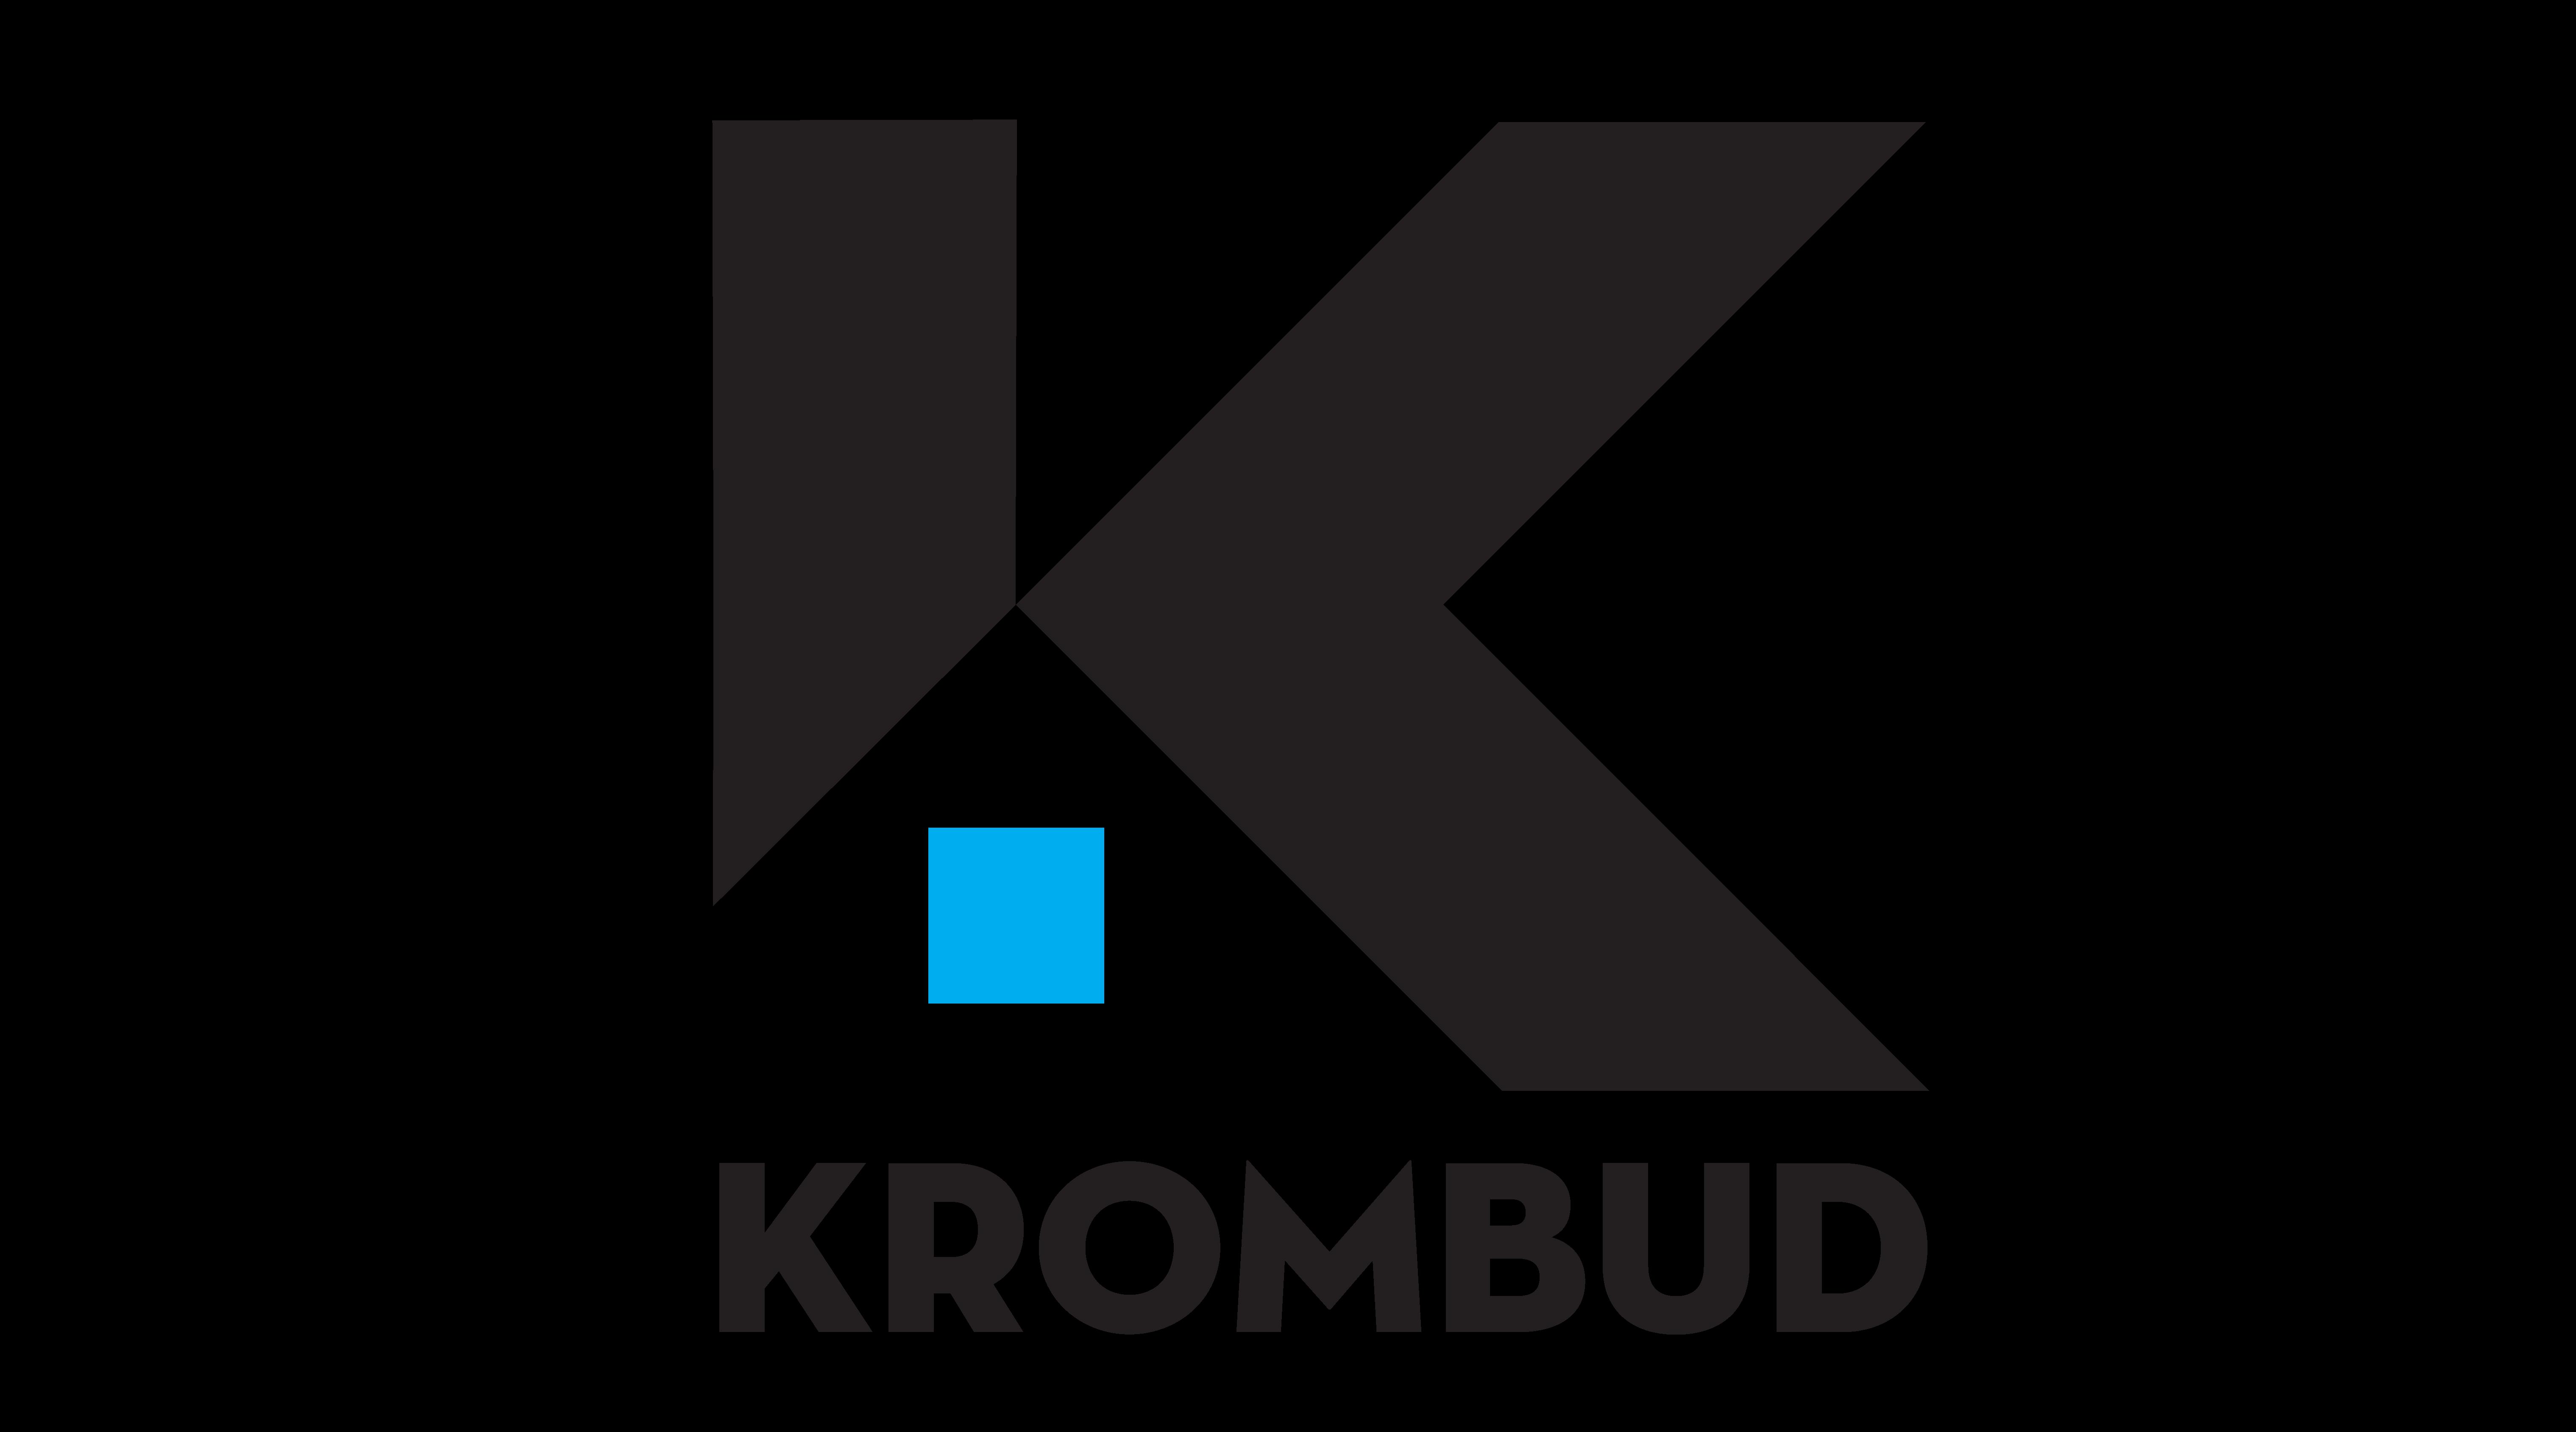 Krombud.de